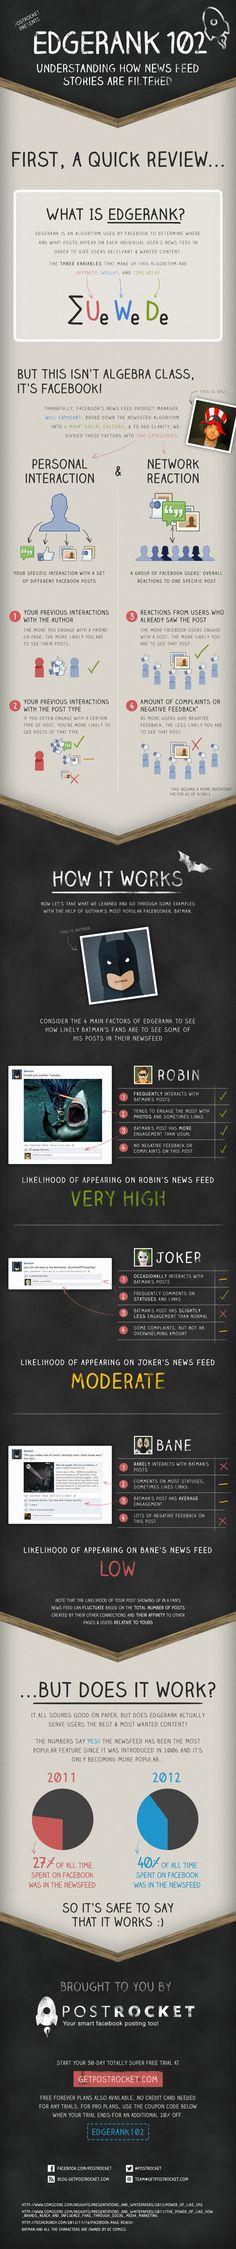 Batman and Robin explain #Edgerank — Justin Flitter - Strategist for the social web http://justinflitter.com/blog/5-3-2013-batman-and-robin-explain-edgerank